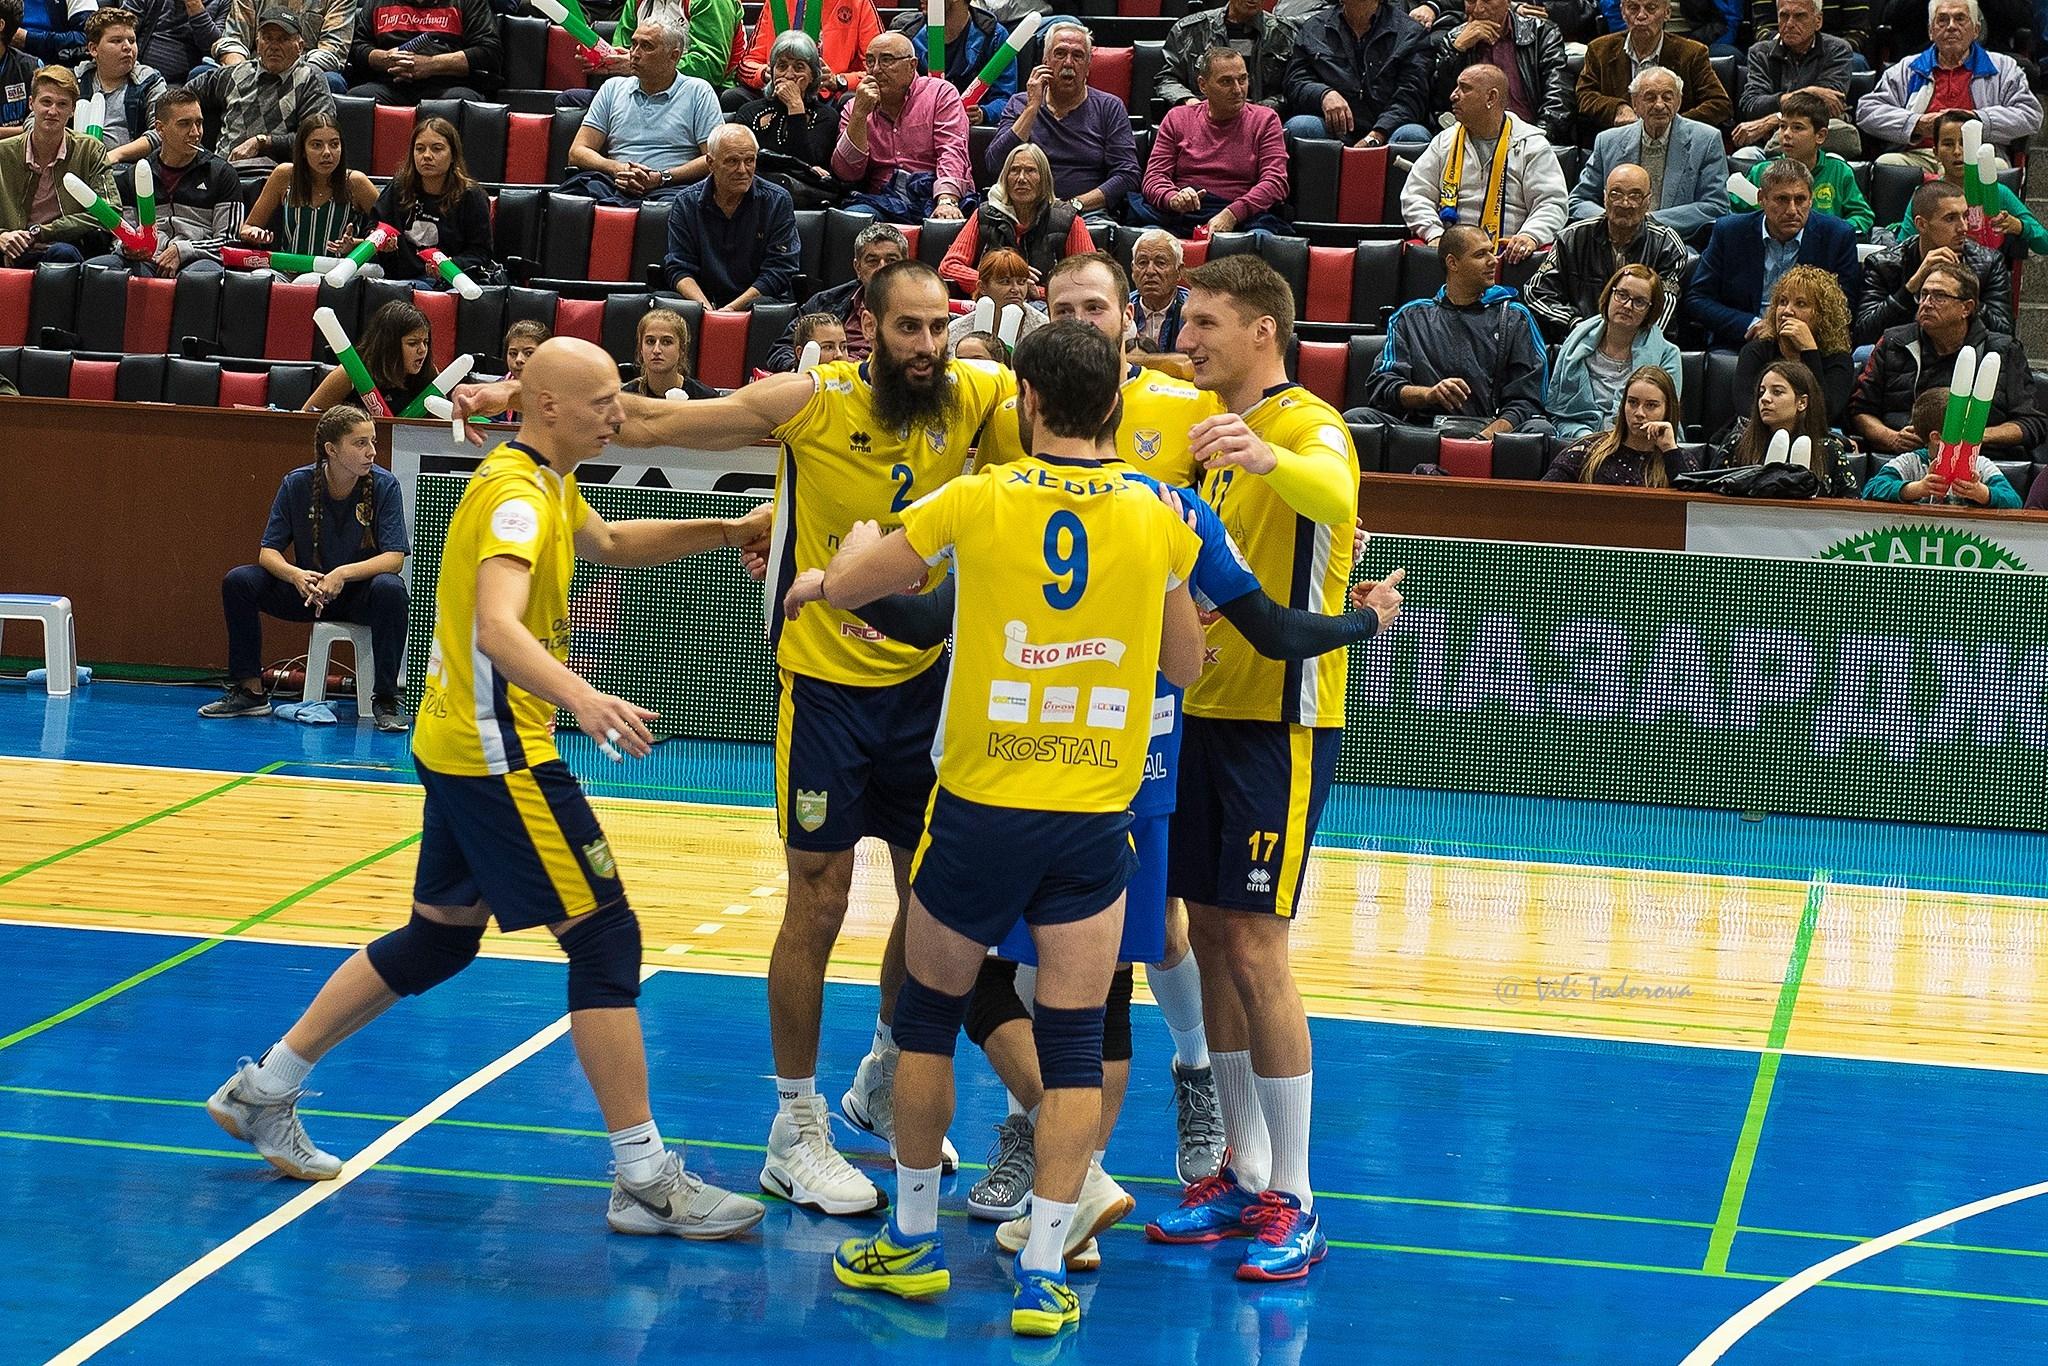 Волейболистите на Хебър (Пазарджик) останаха непобедени в Суперлигата на България,